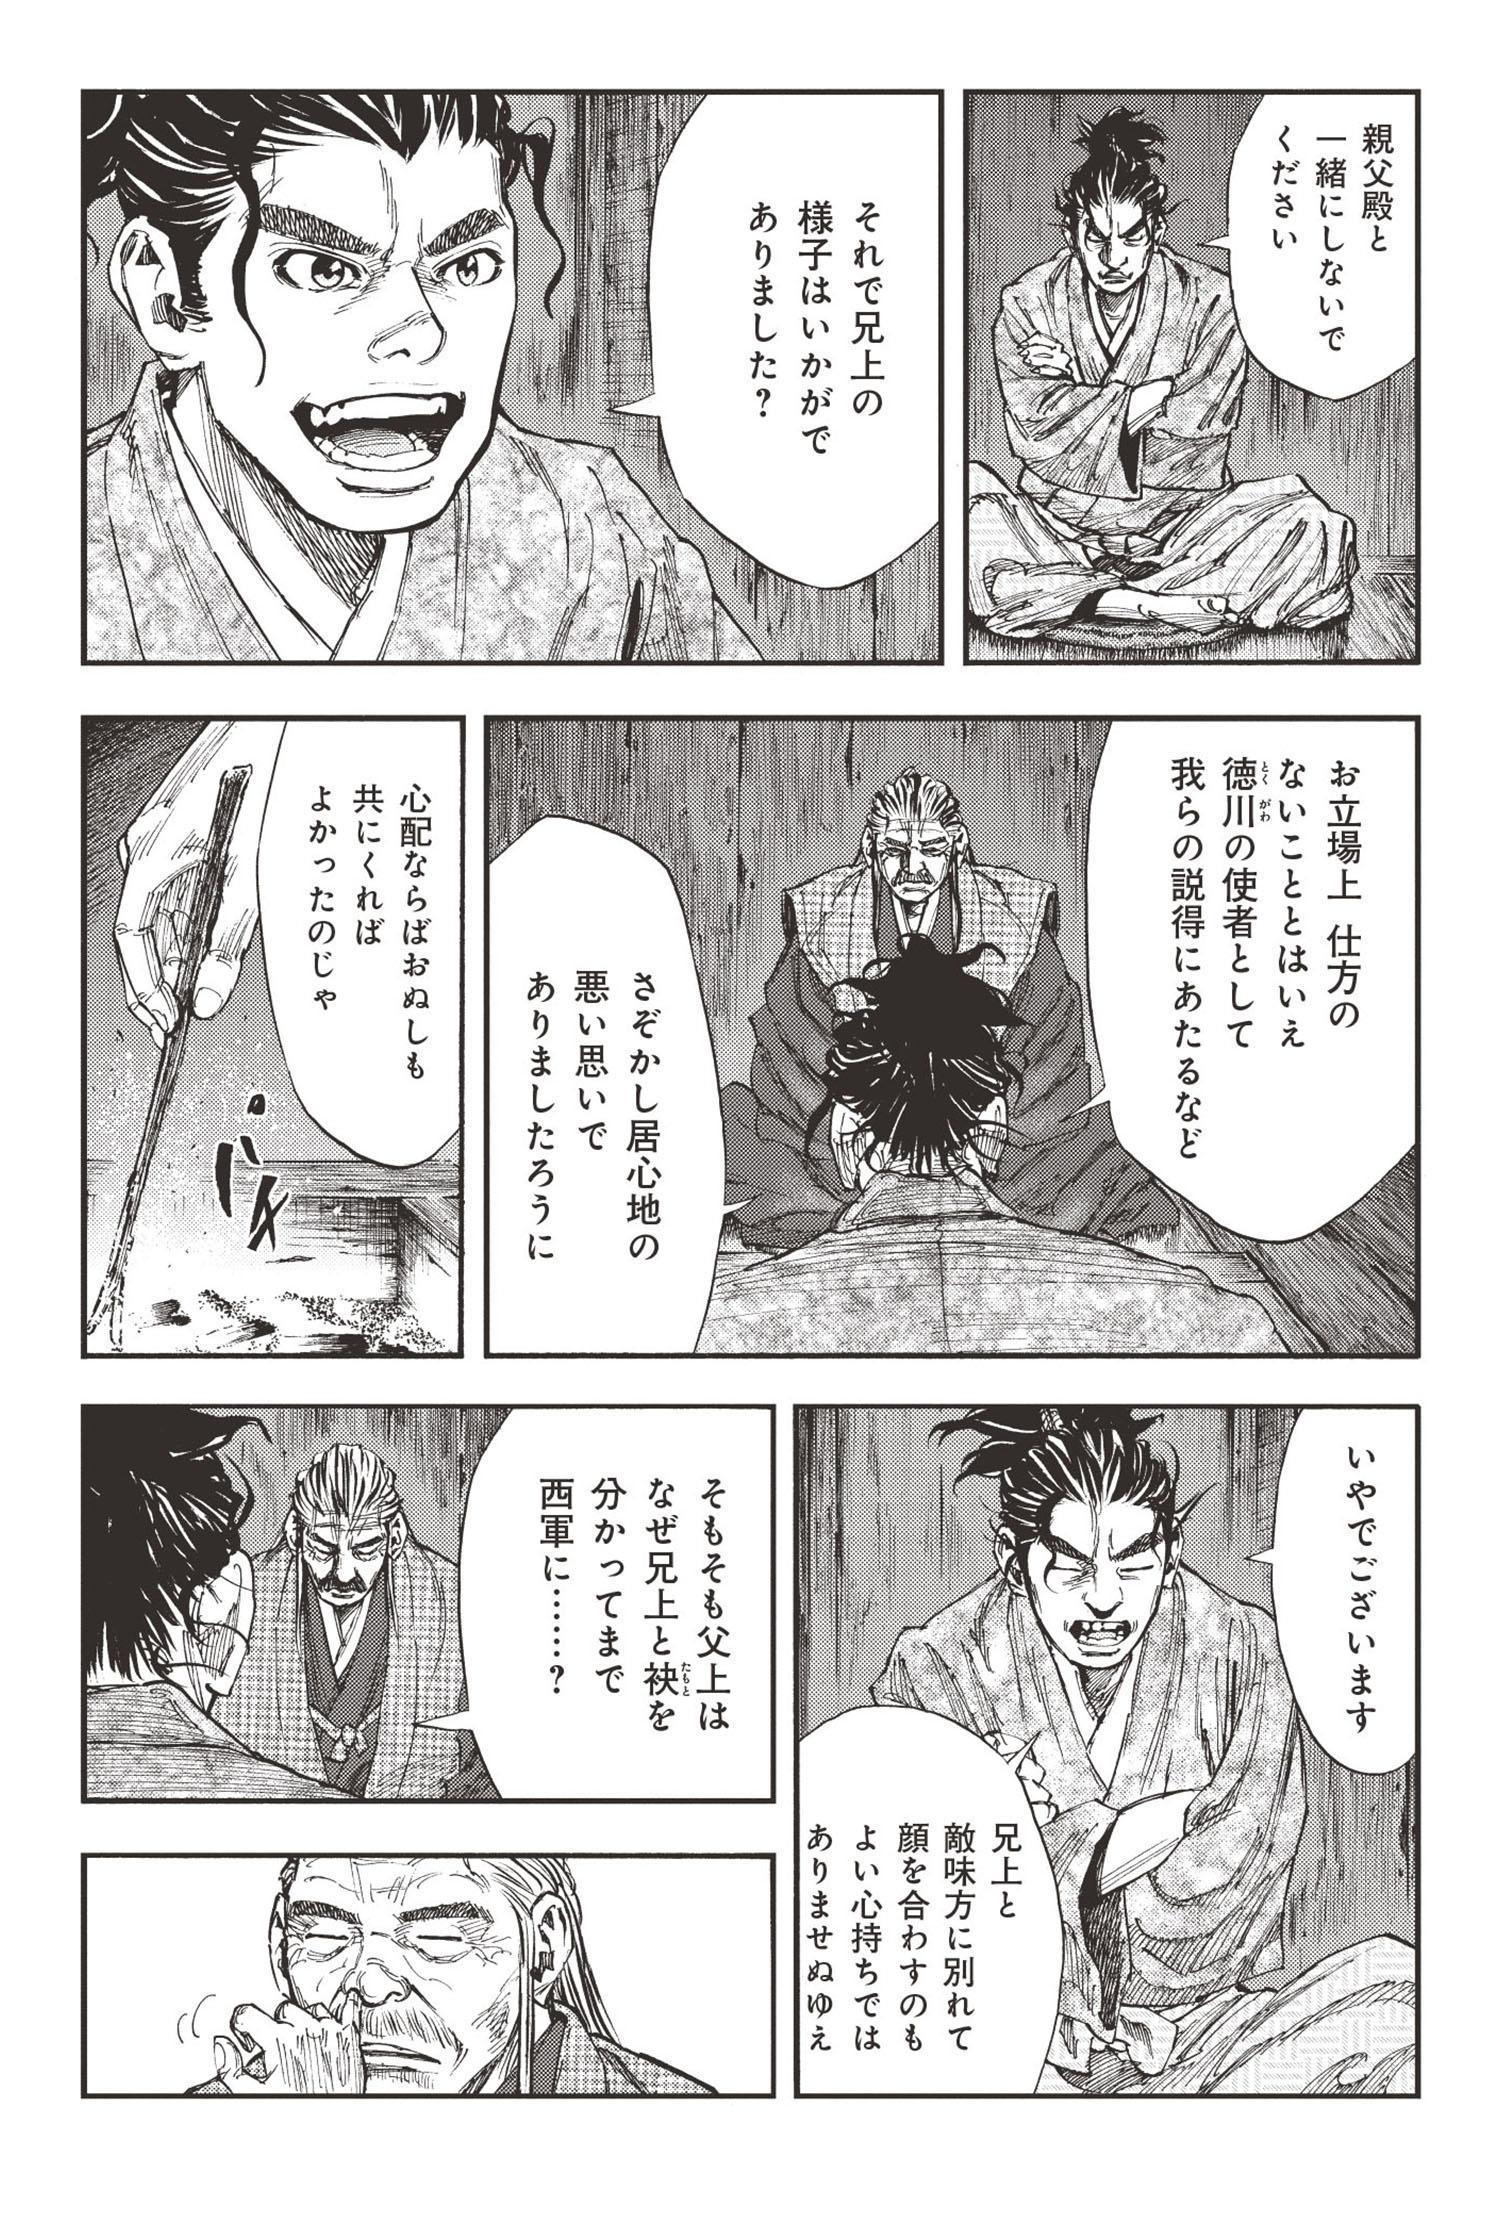 真田太平記 第0話「日本一の兵」①sanada01_017.jpg